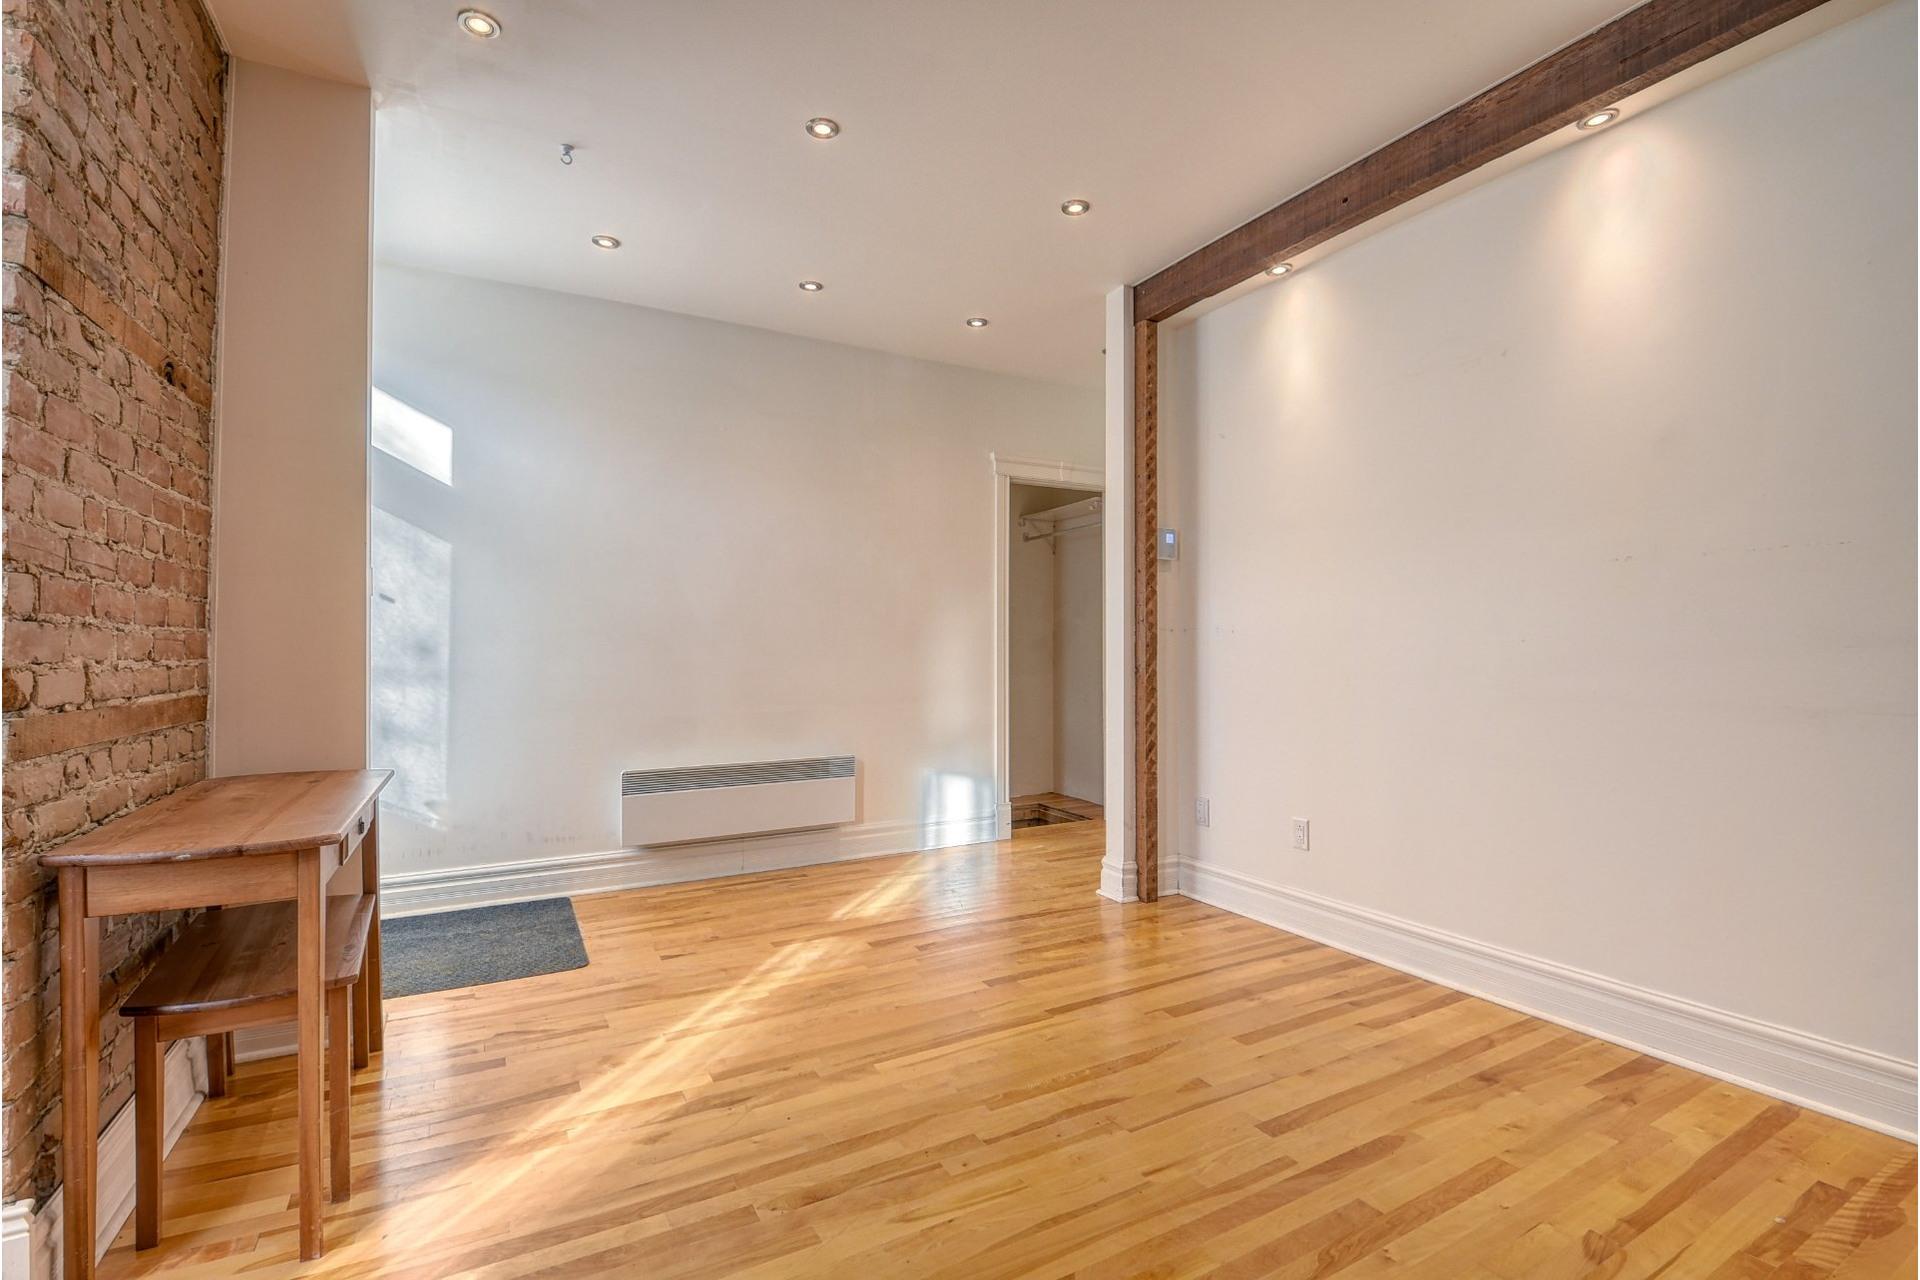 image 5 - Duplex For sale Le Sud-Ouest Montréal  - 5 rooms